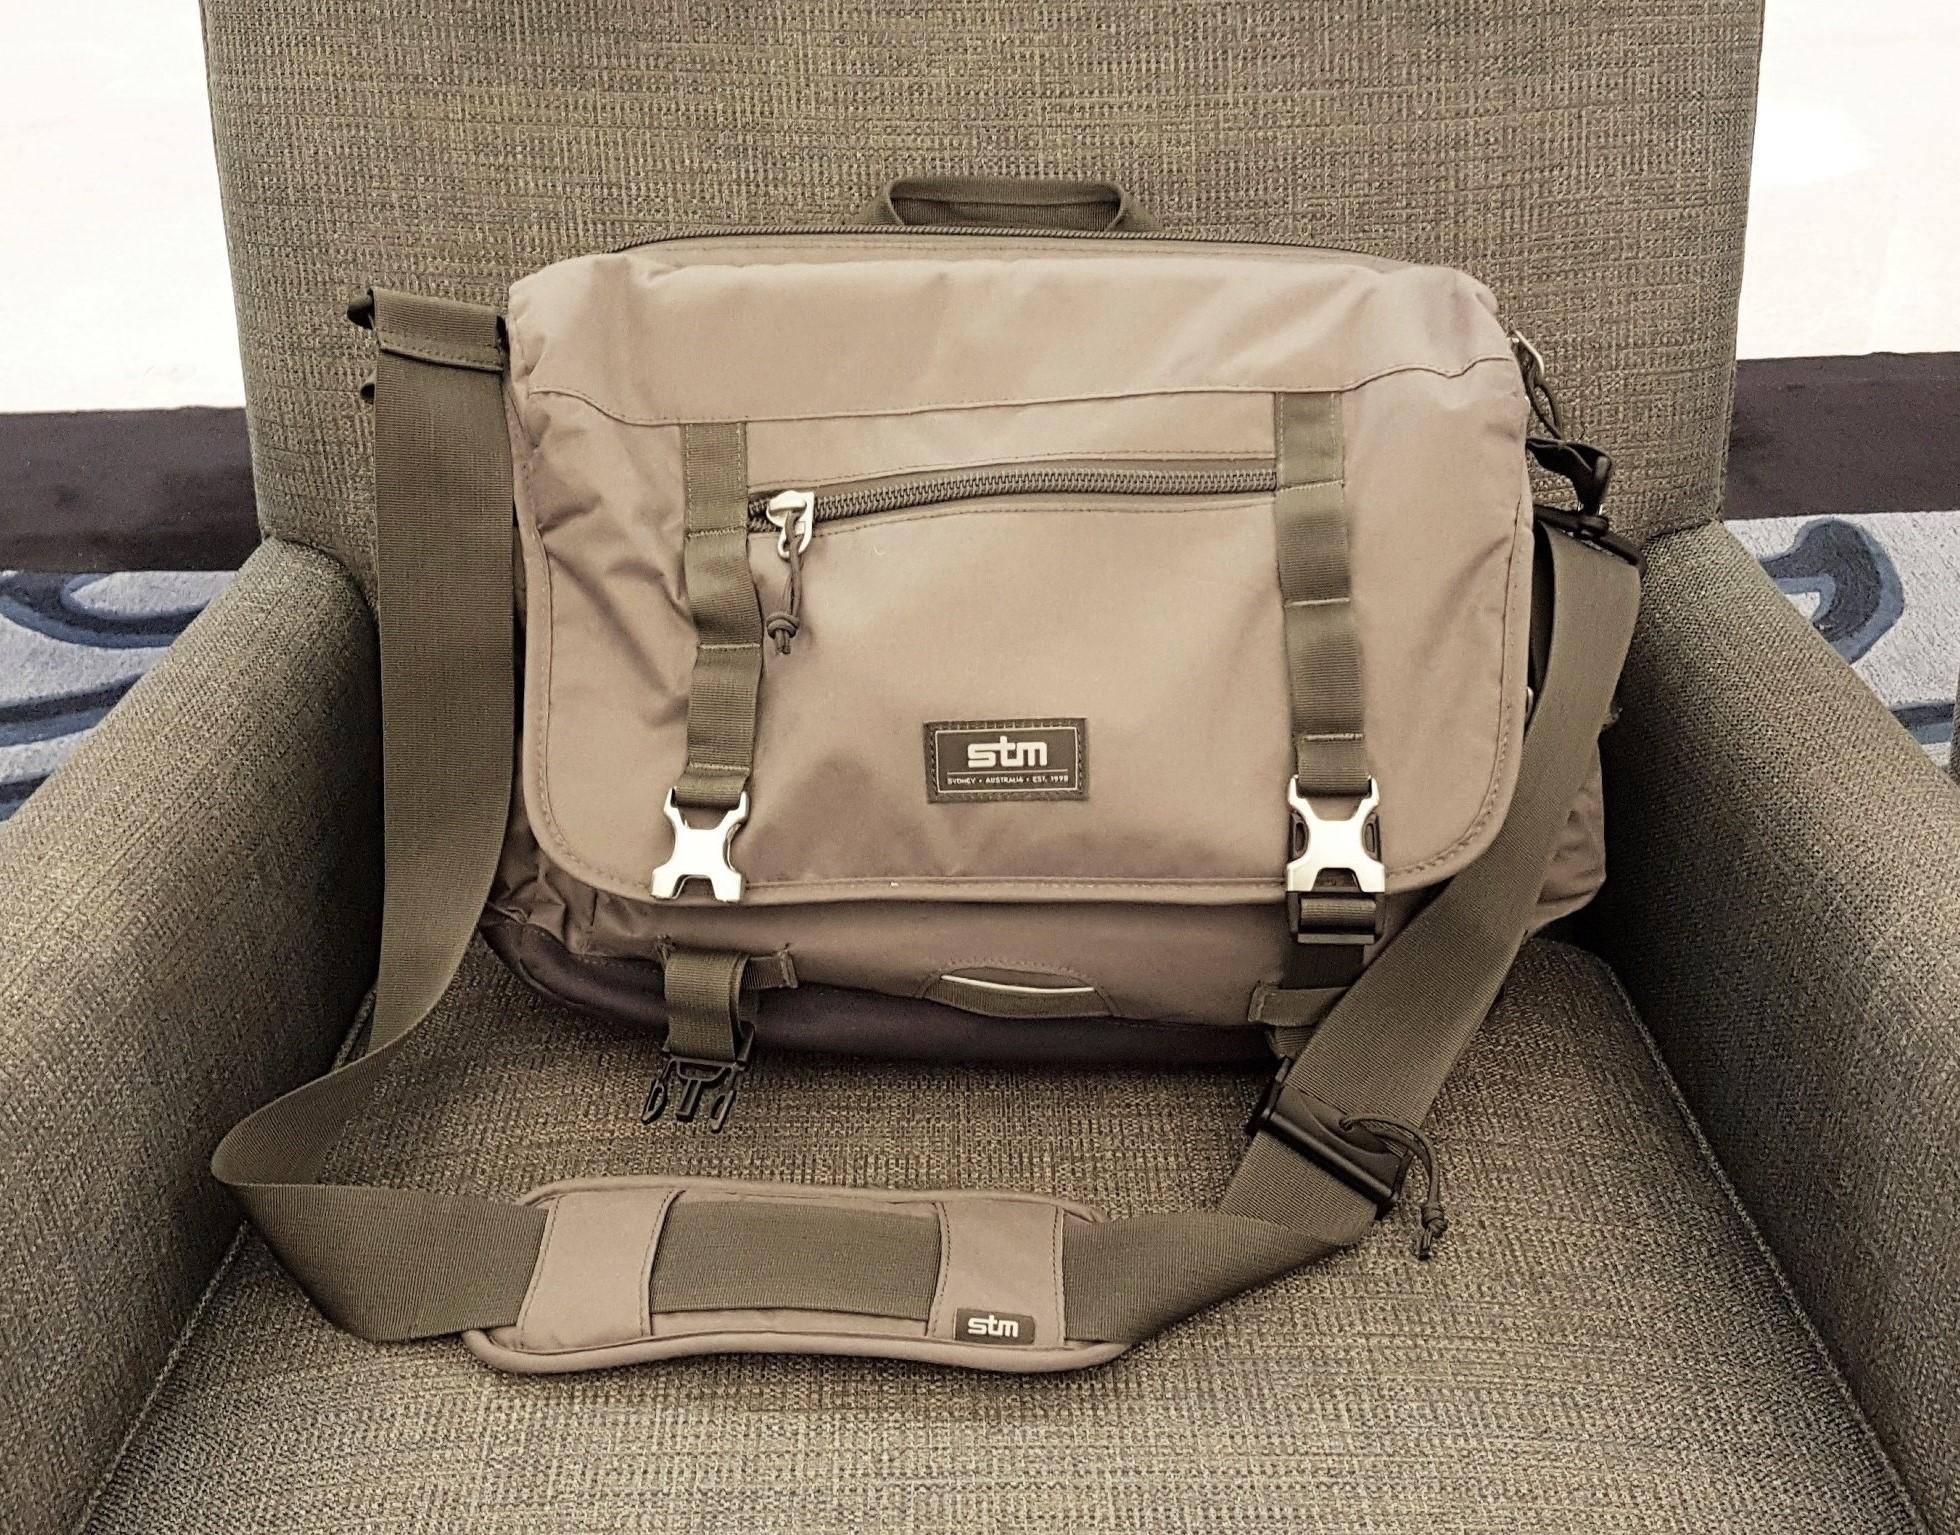 stm-trust-15-inch-laptop-messenger-bag-thumbnail